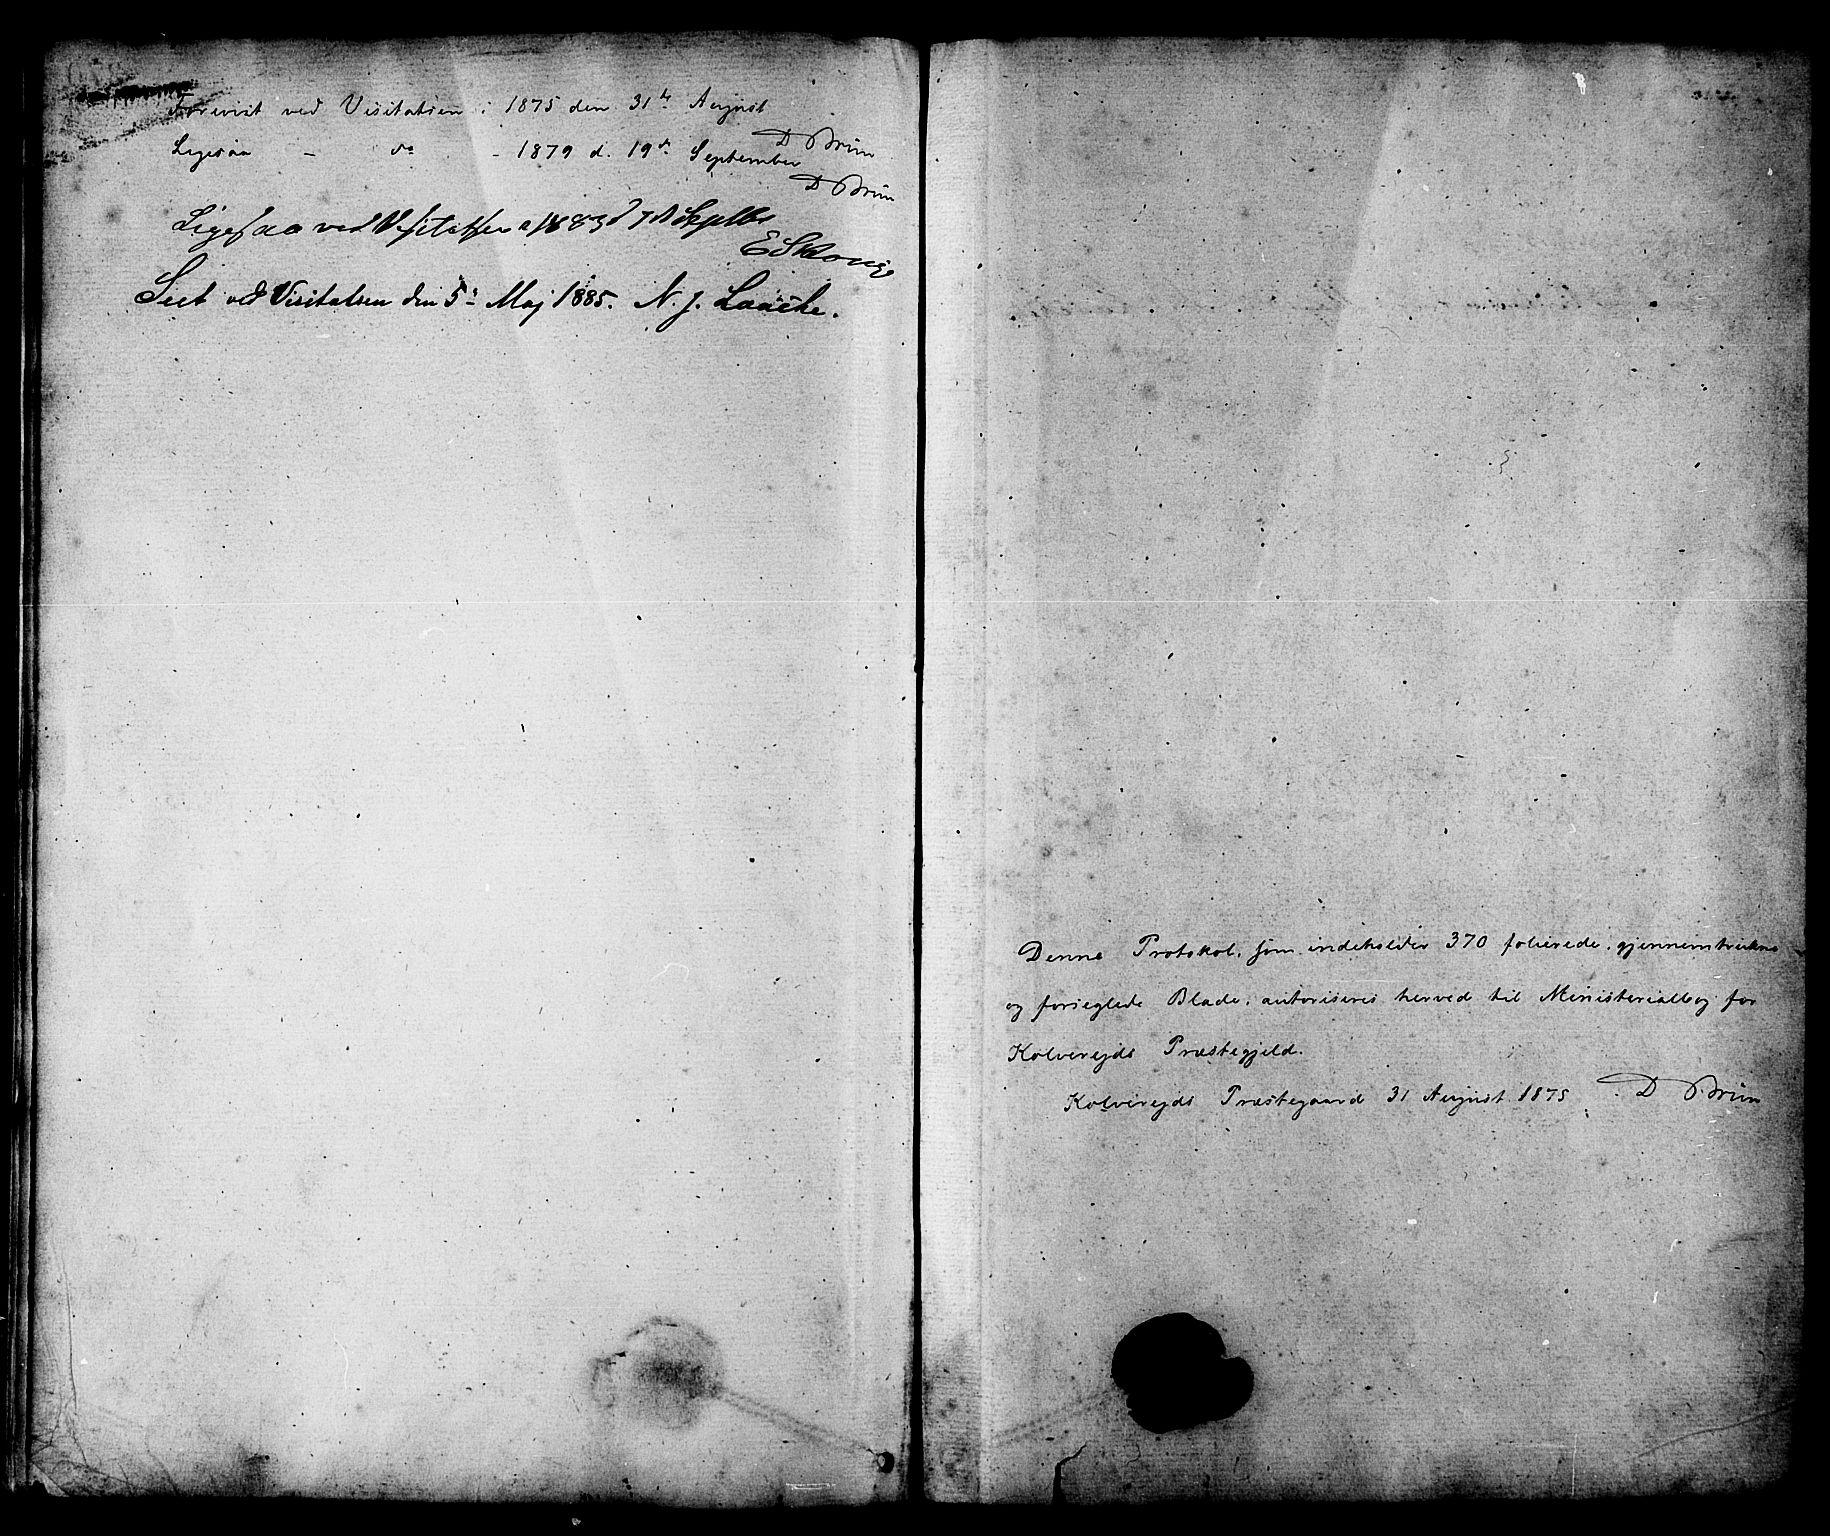 SAT, Ministerialprotokoller, klokkerbøker og fødselsregistre - Nord-Trøndelag, 780/L0642: Ministerialbok nr. 780A07 /1, 1874-1885